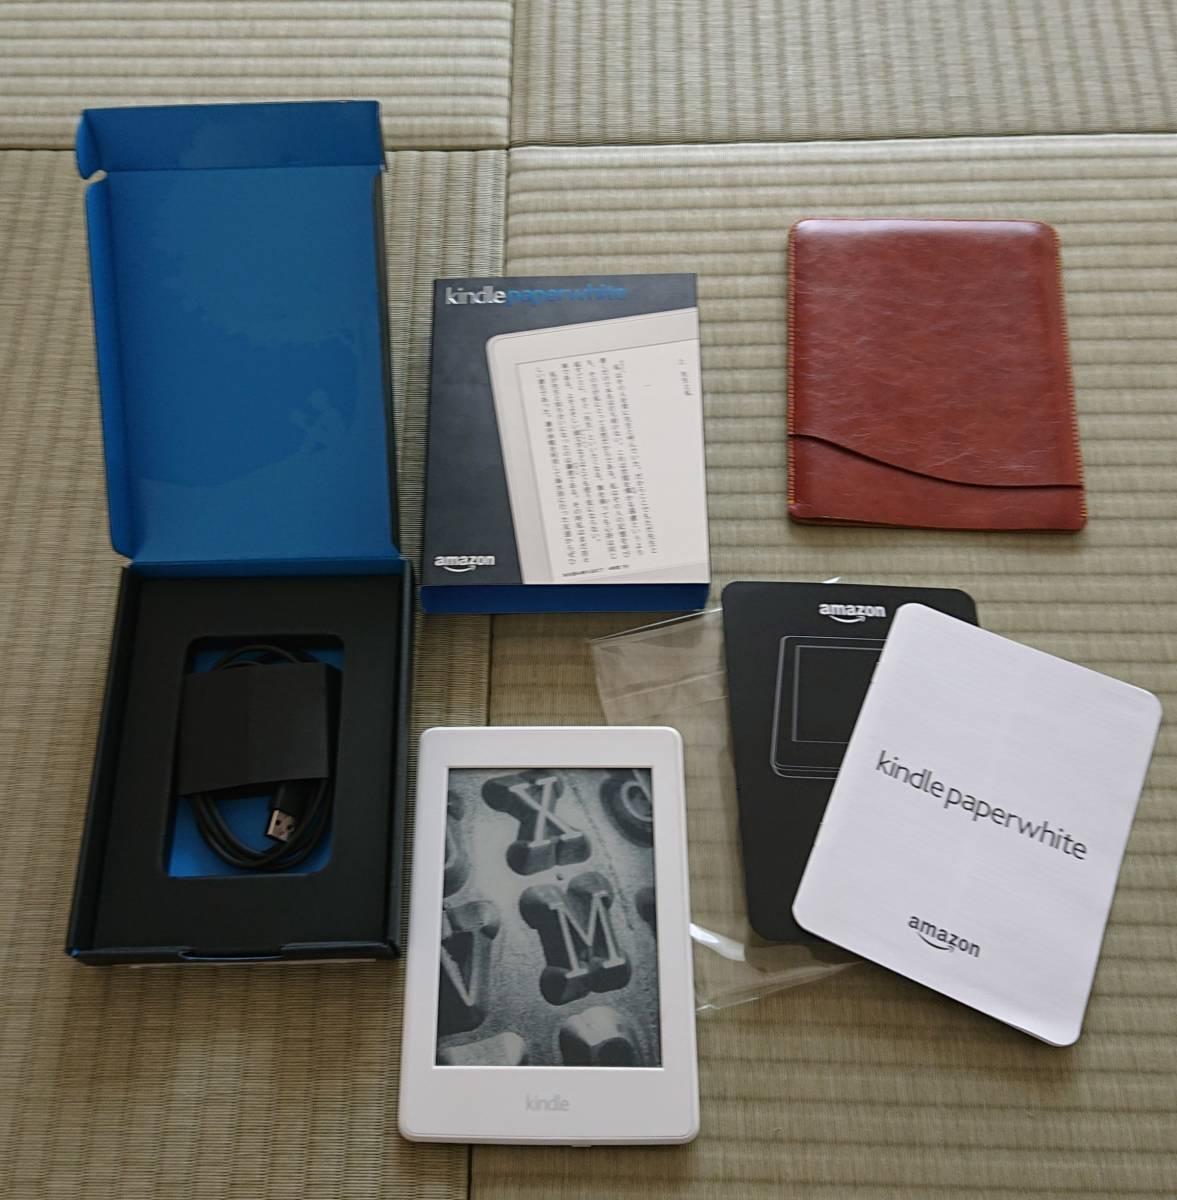 Kindle paper white キンドルペーパーホワイト 32GB フィルム・カバー付き 美品